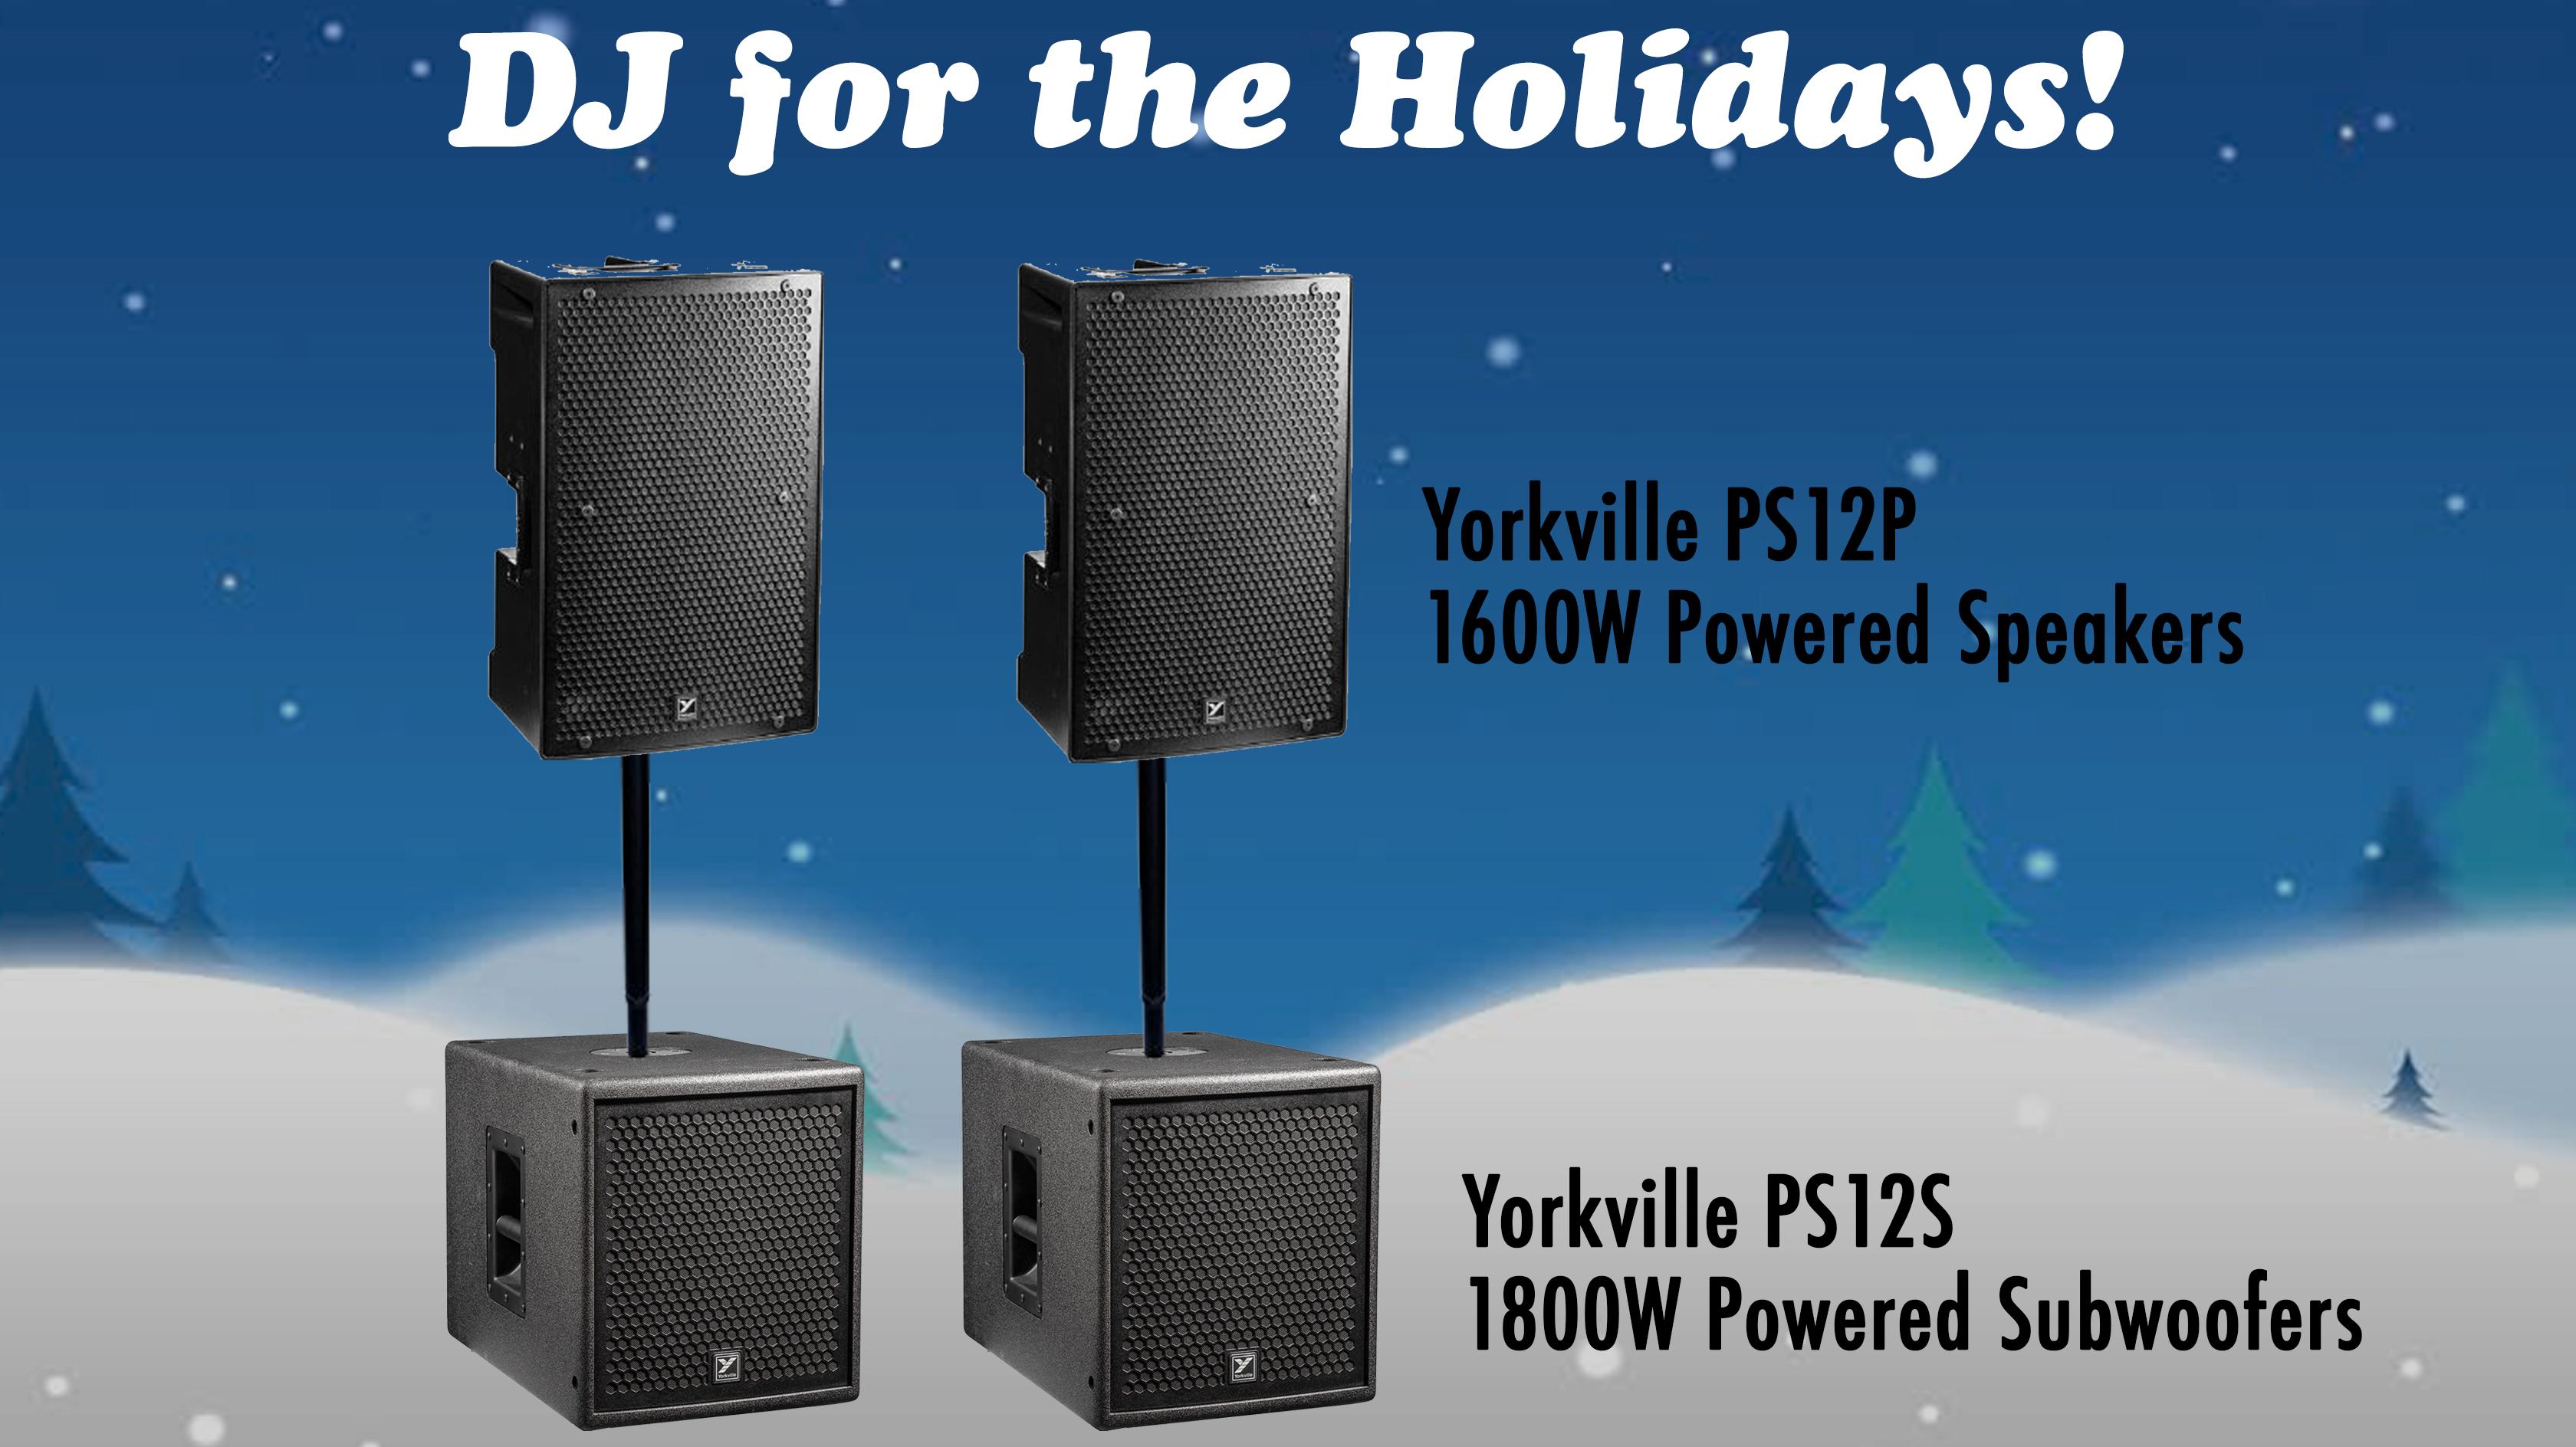 DJ 4 the Holidays